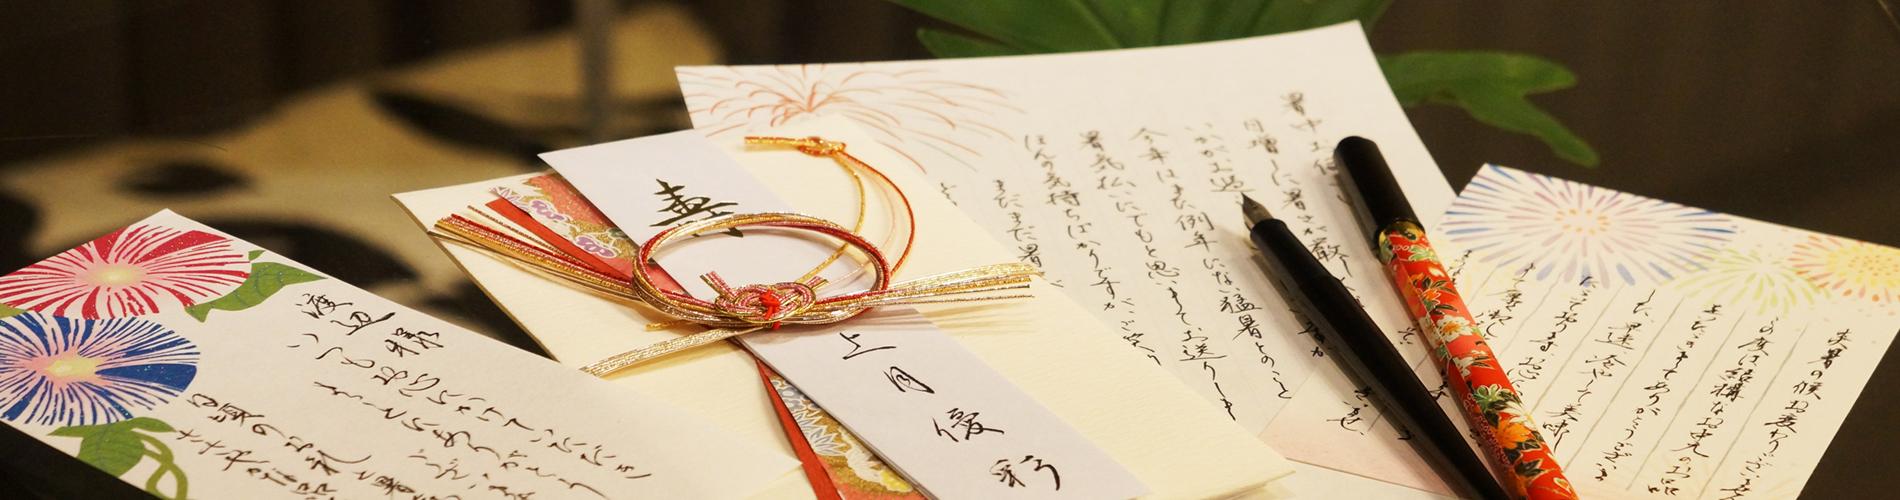 ペン習字 松山市 美文字 作品2